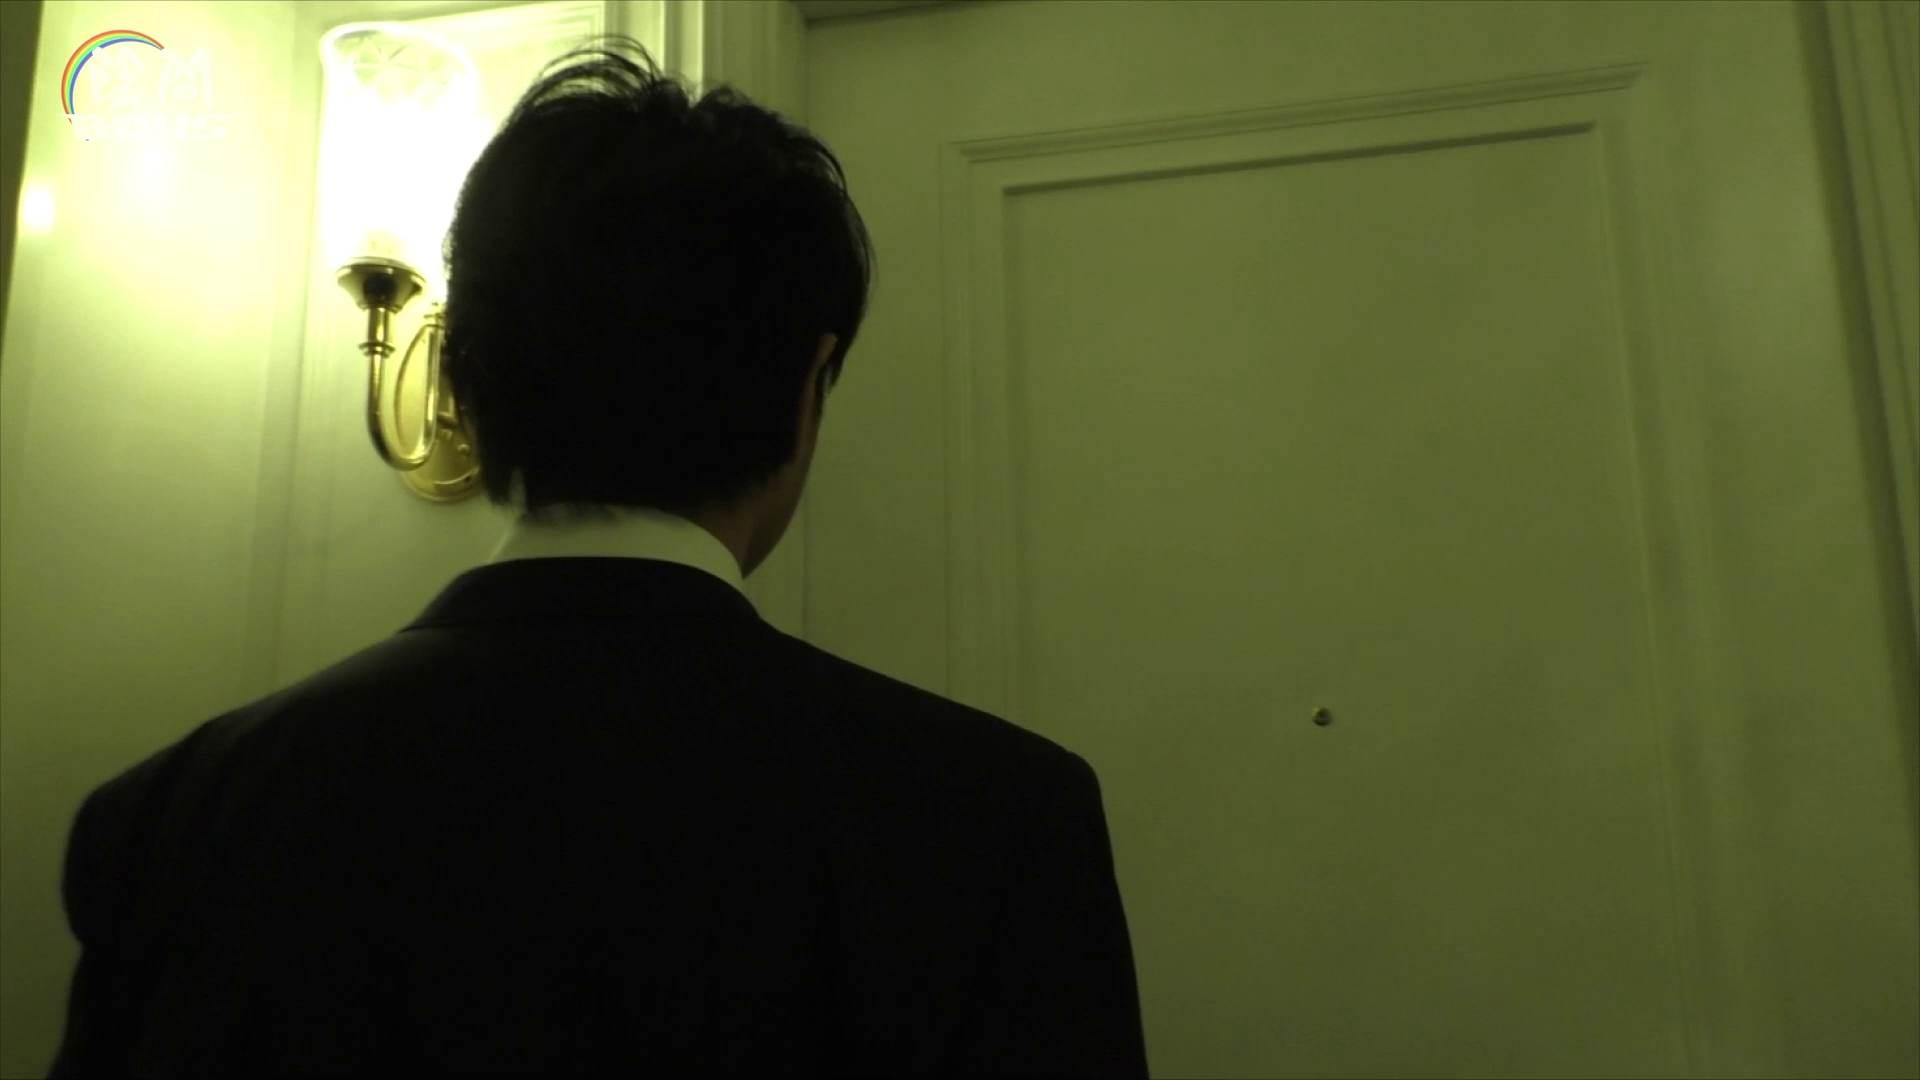 陰間BOYS~キャバクラの仕事はアナルから4 Vol.01 発射 男同士画像 12枚 4